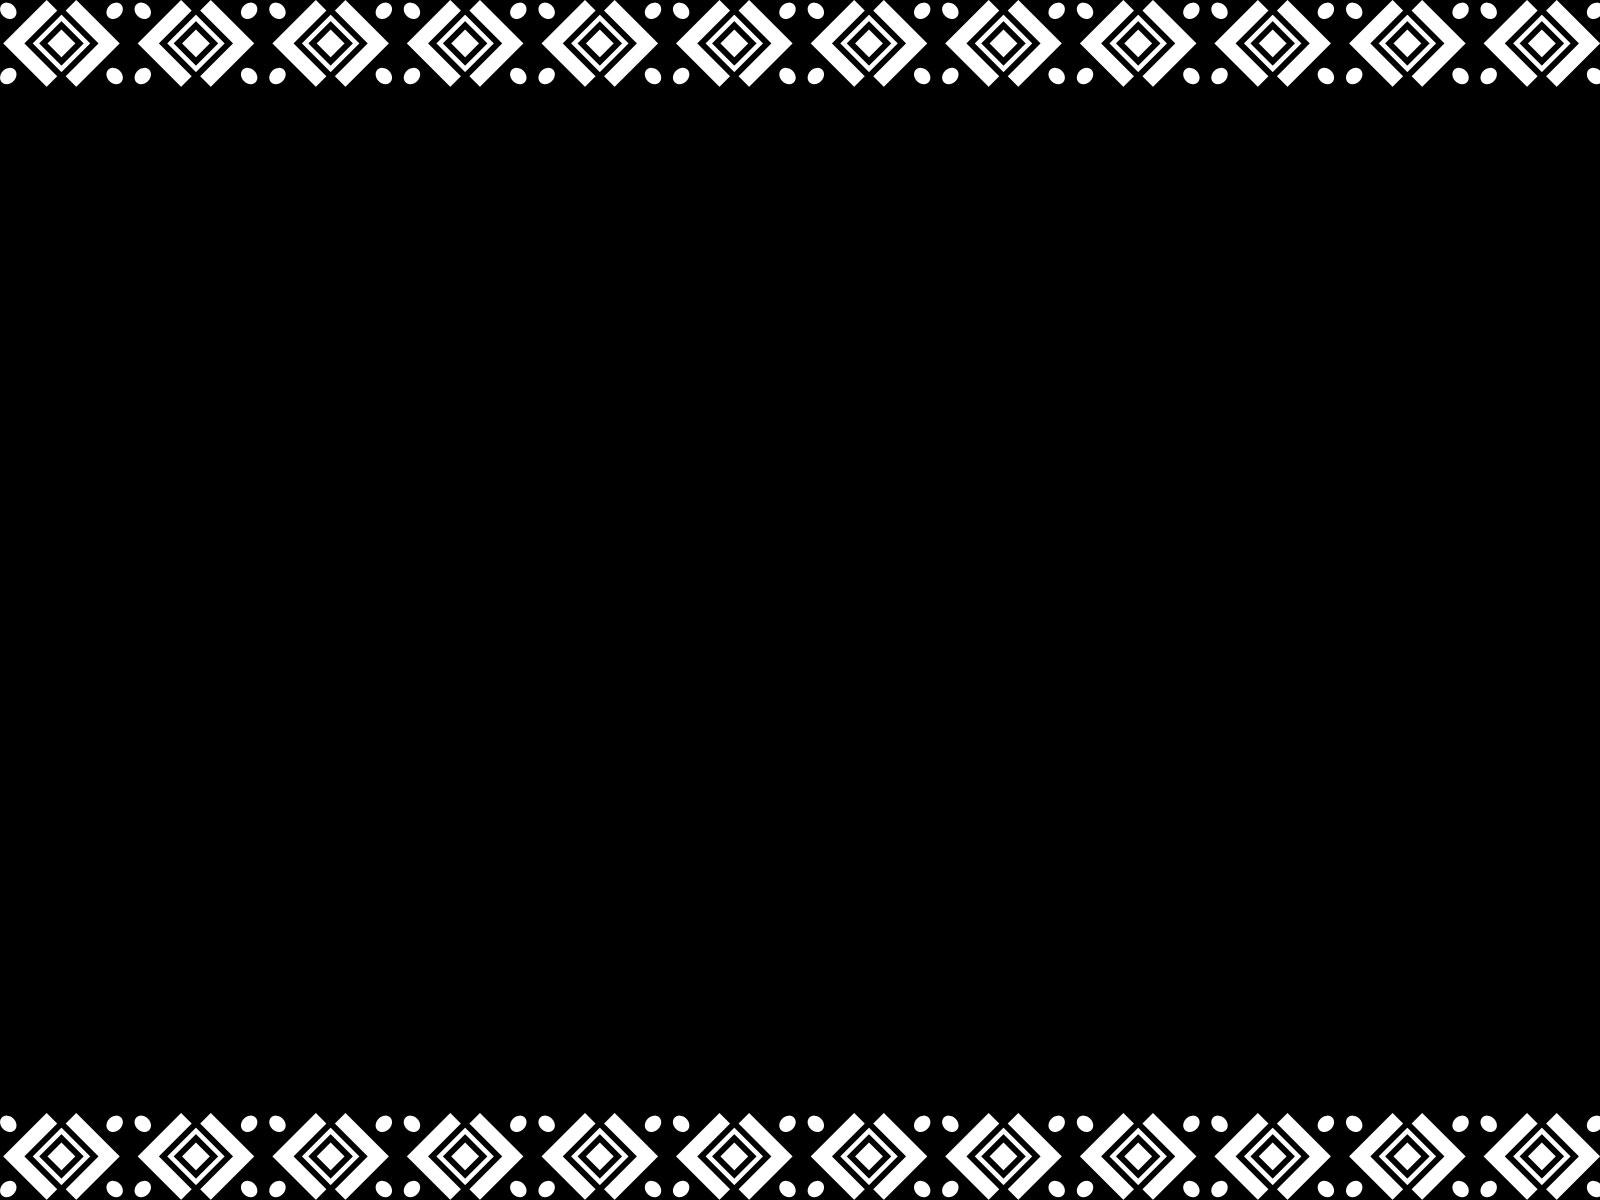 Plain Black Wallpaper Border 18 Background